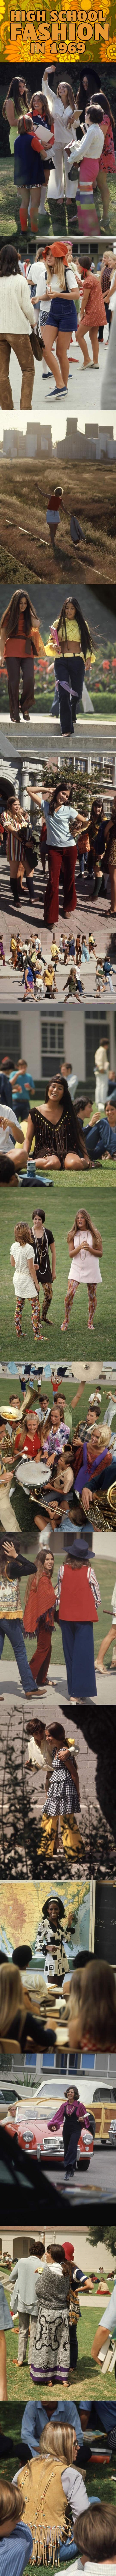 High School Fashion In 1969…